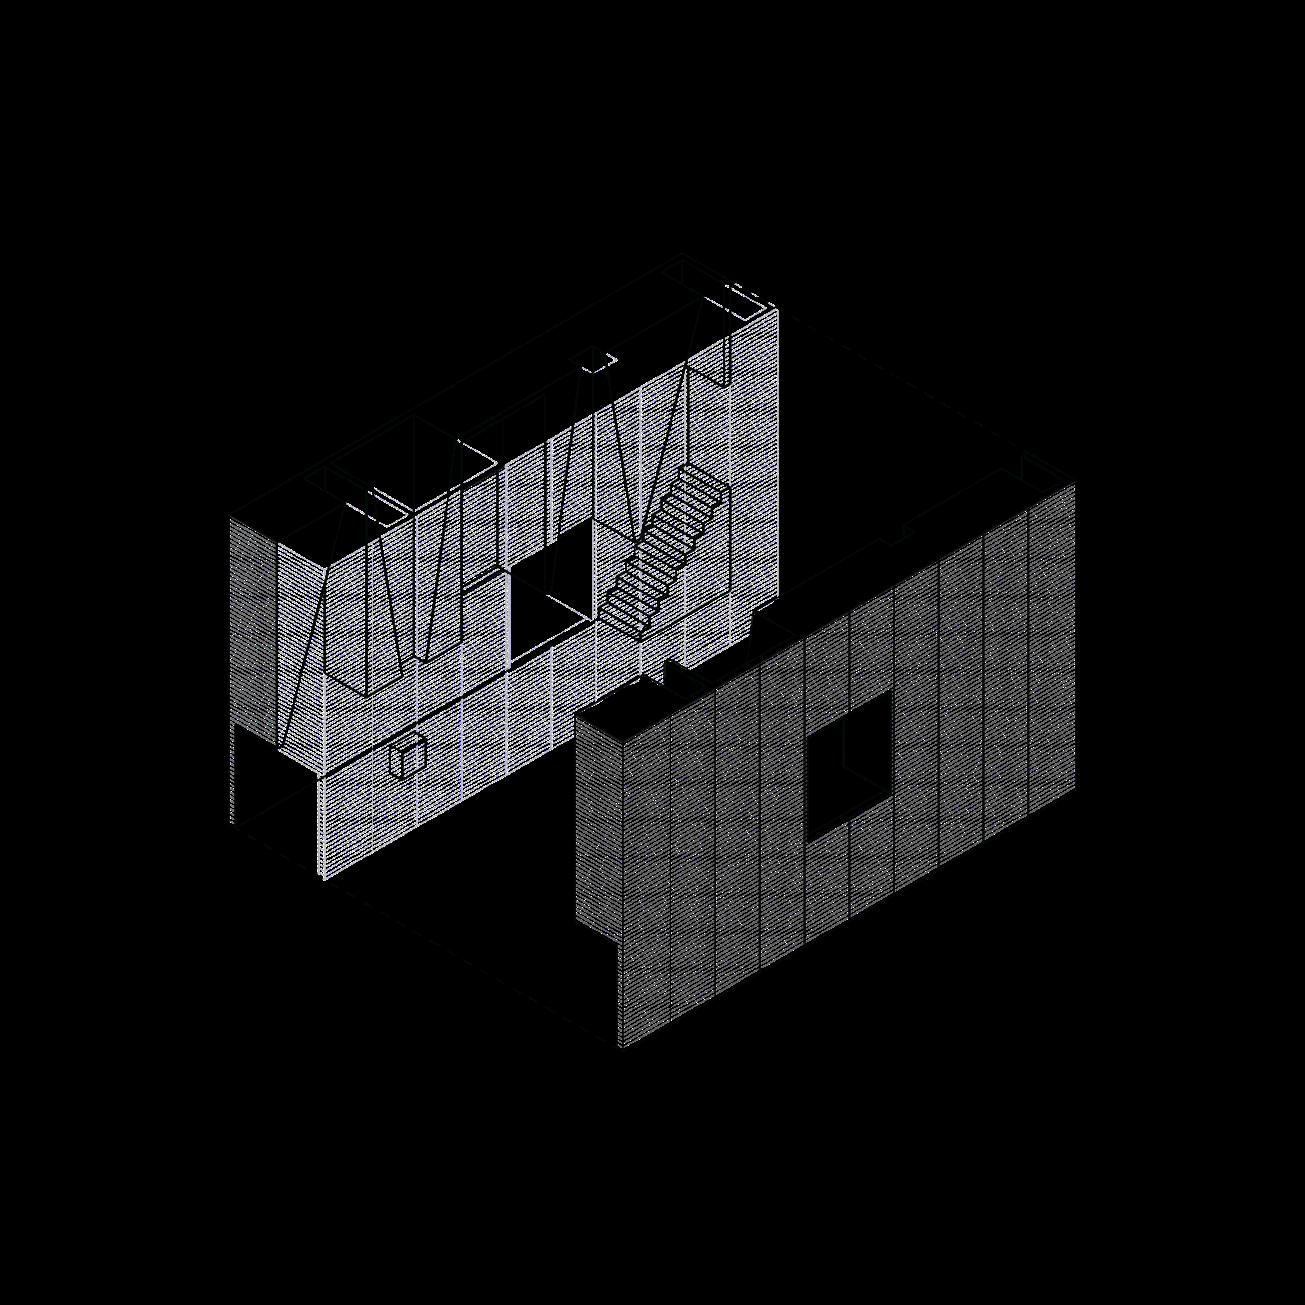 QUINCE_isometria-01_1340_c